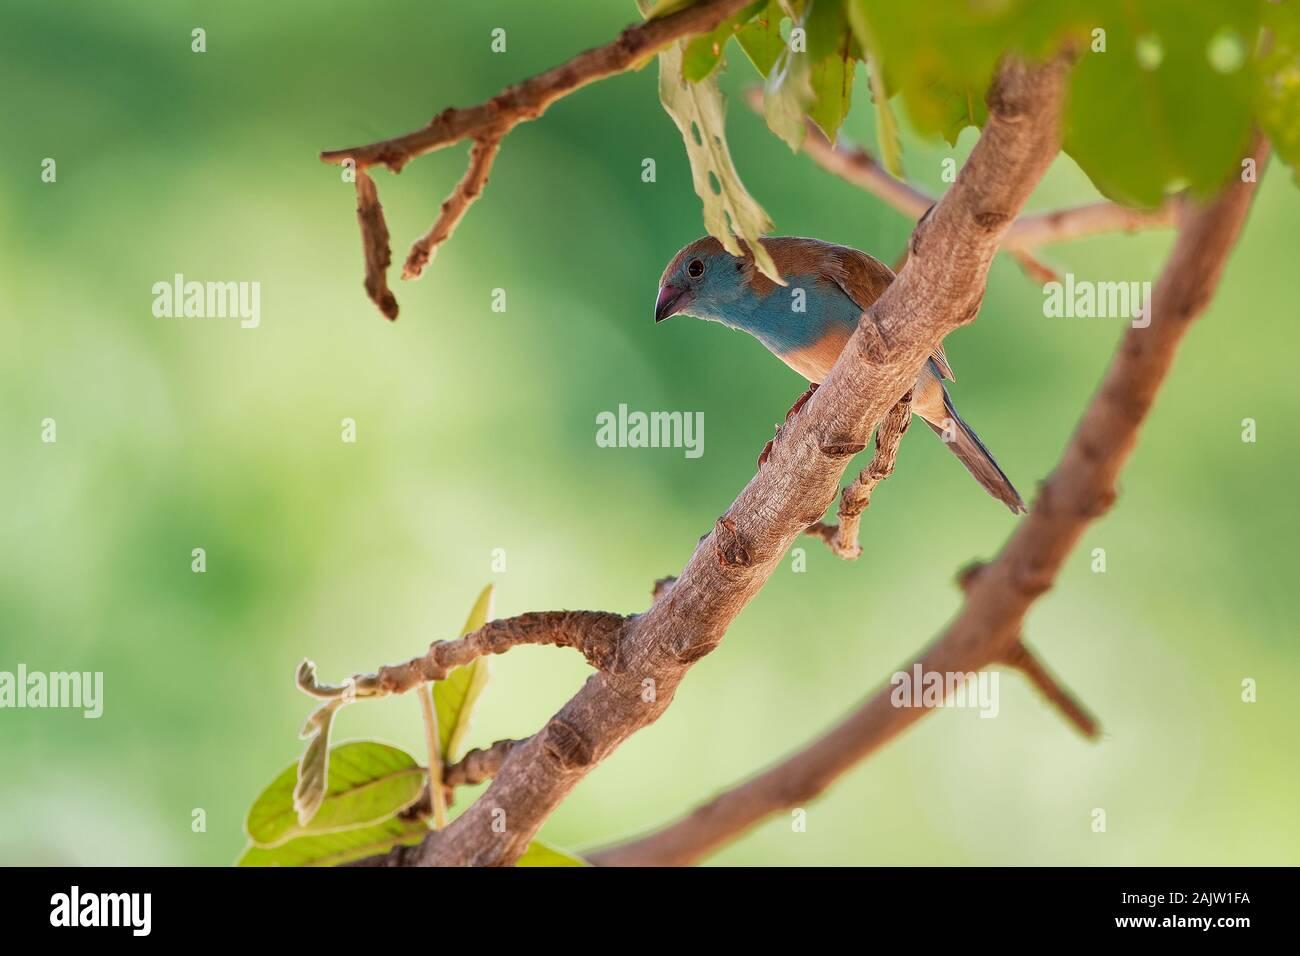 Cordonbleu Waxbill azul o meridional - Uraeginthus angolensis también conocido como azul-breasted, azul-cheeked waxbill o Angola cordon-bleu, especie de est Foto de stock